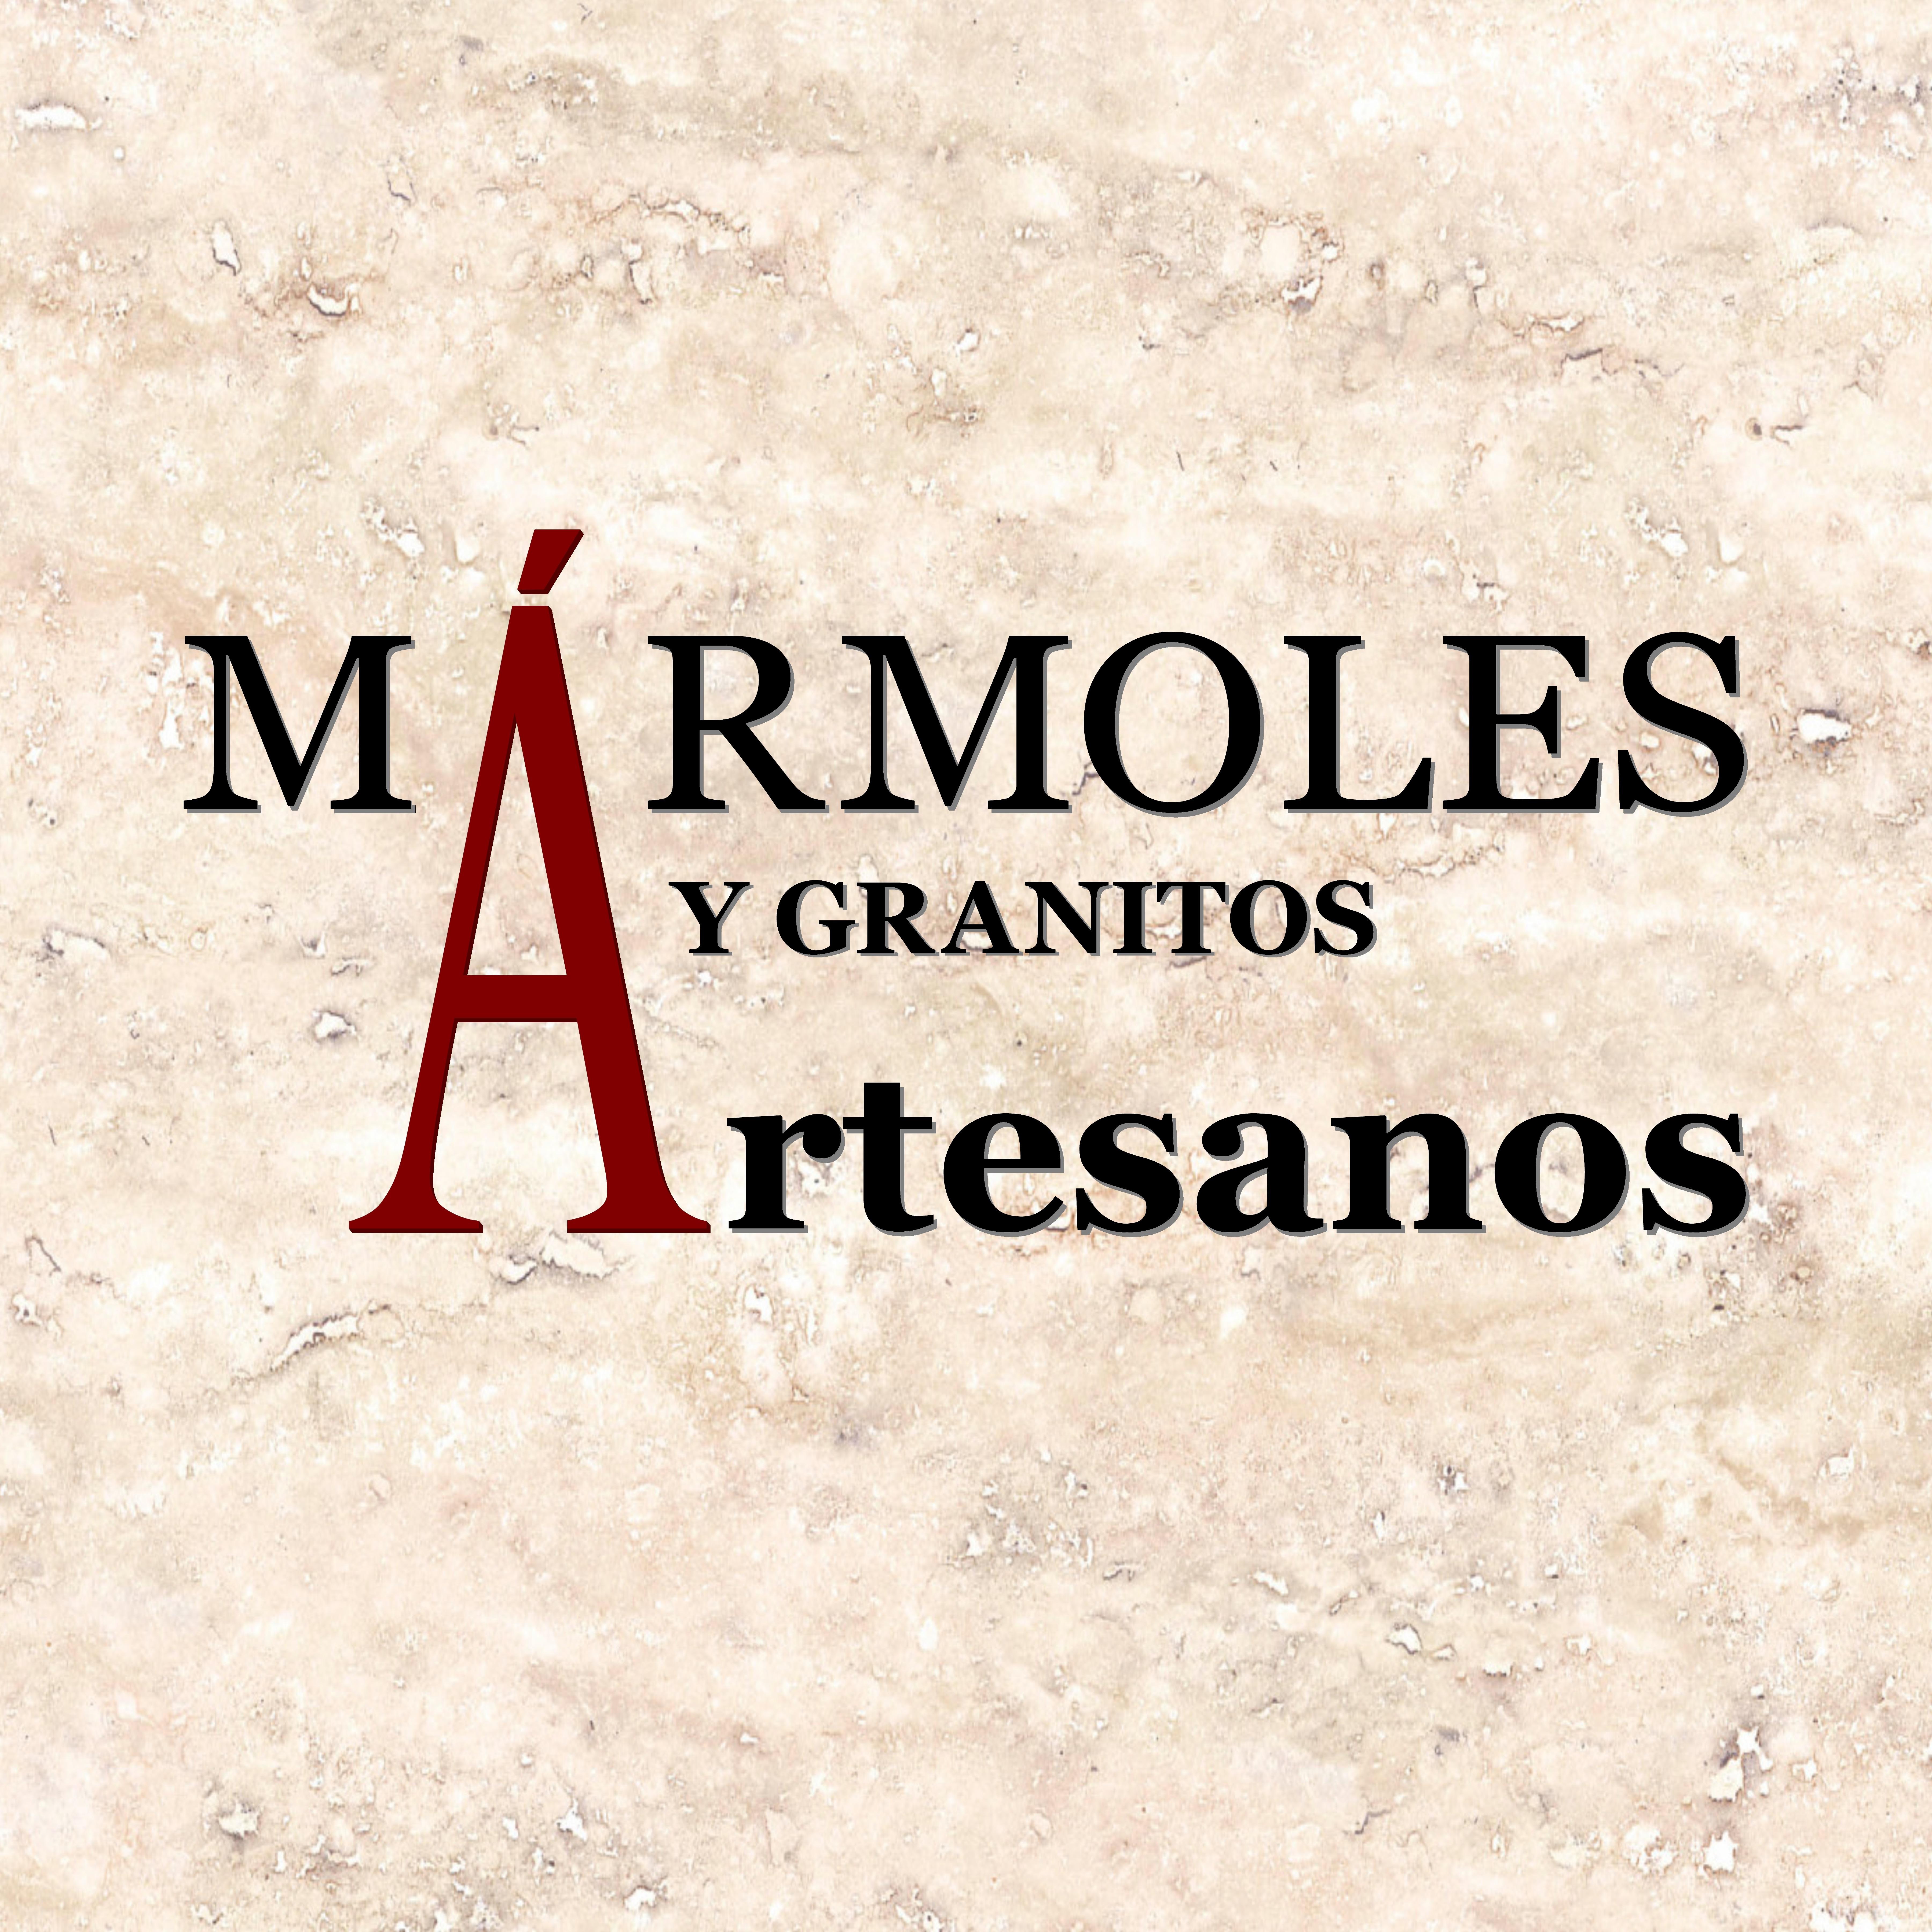 Mármoles Y Granitos Artesanos